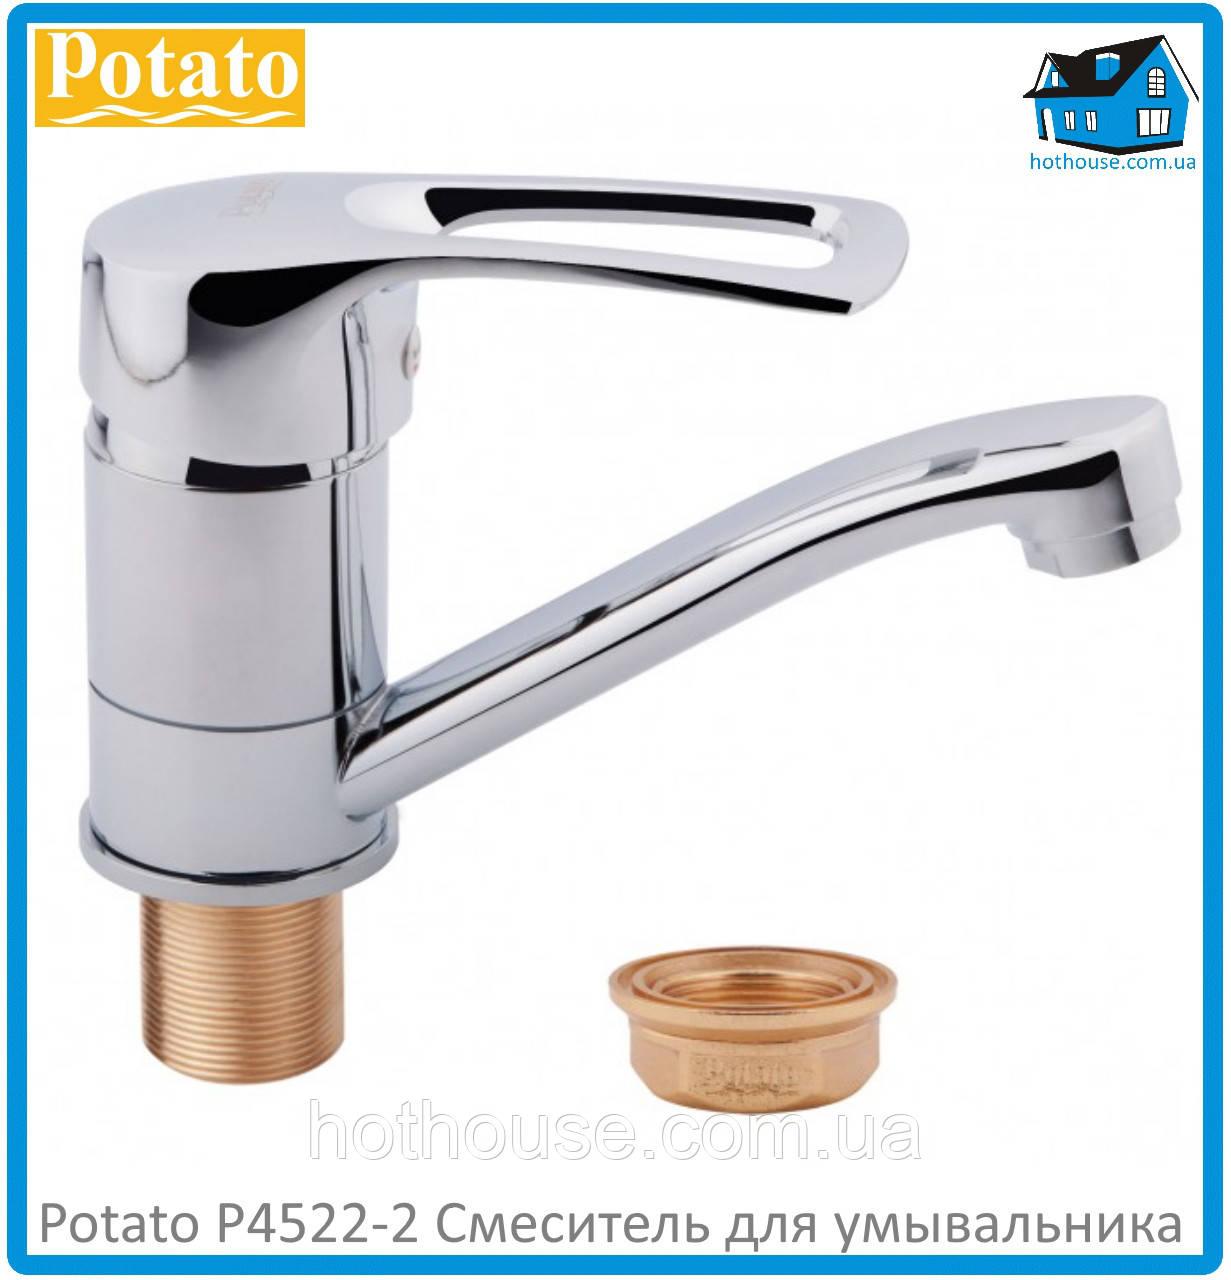 Смеситель для умывальника Potato P4522-2